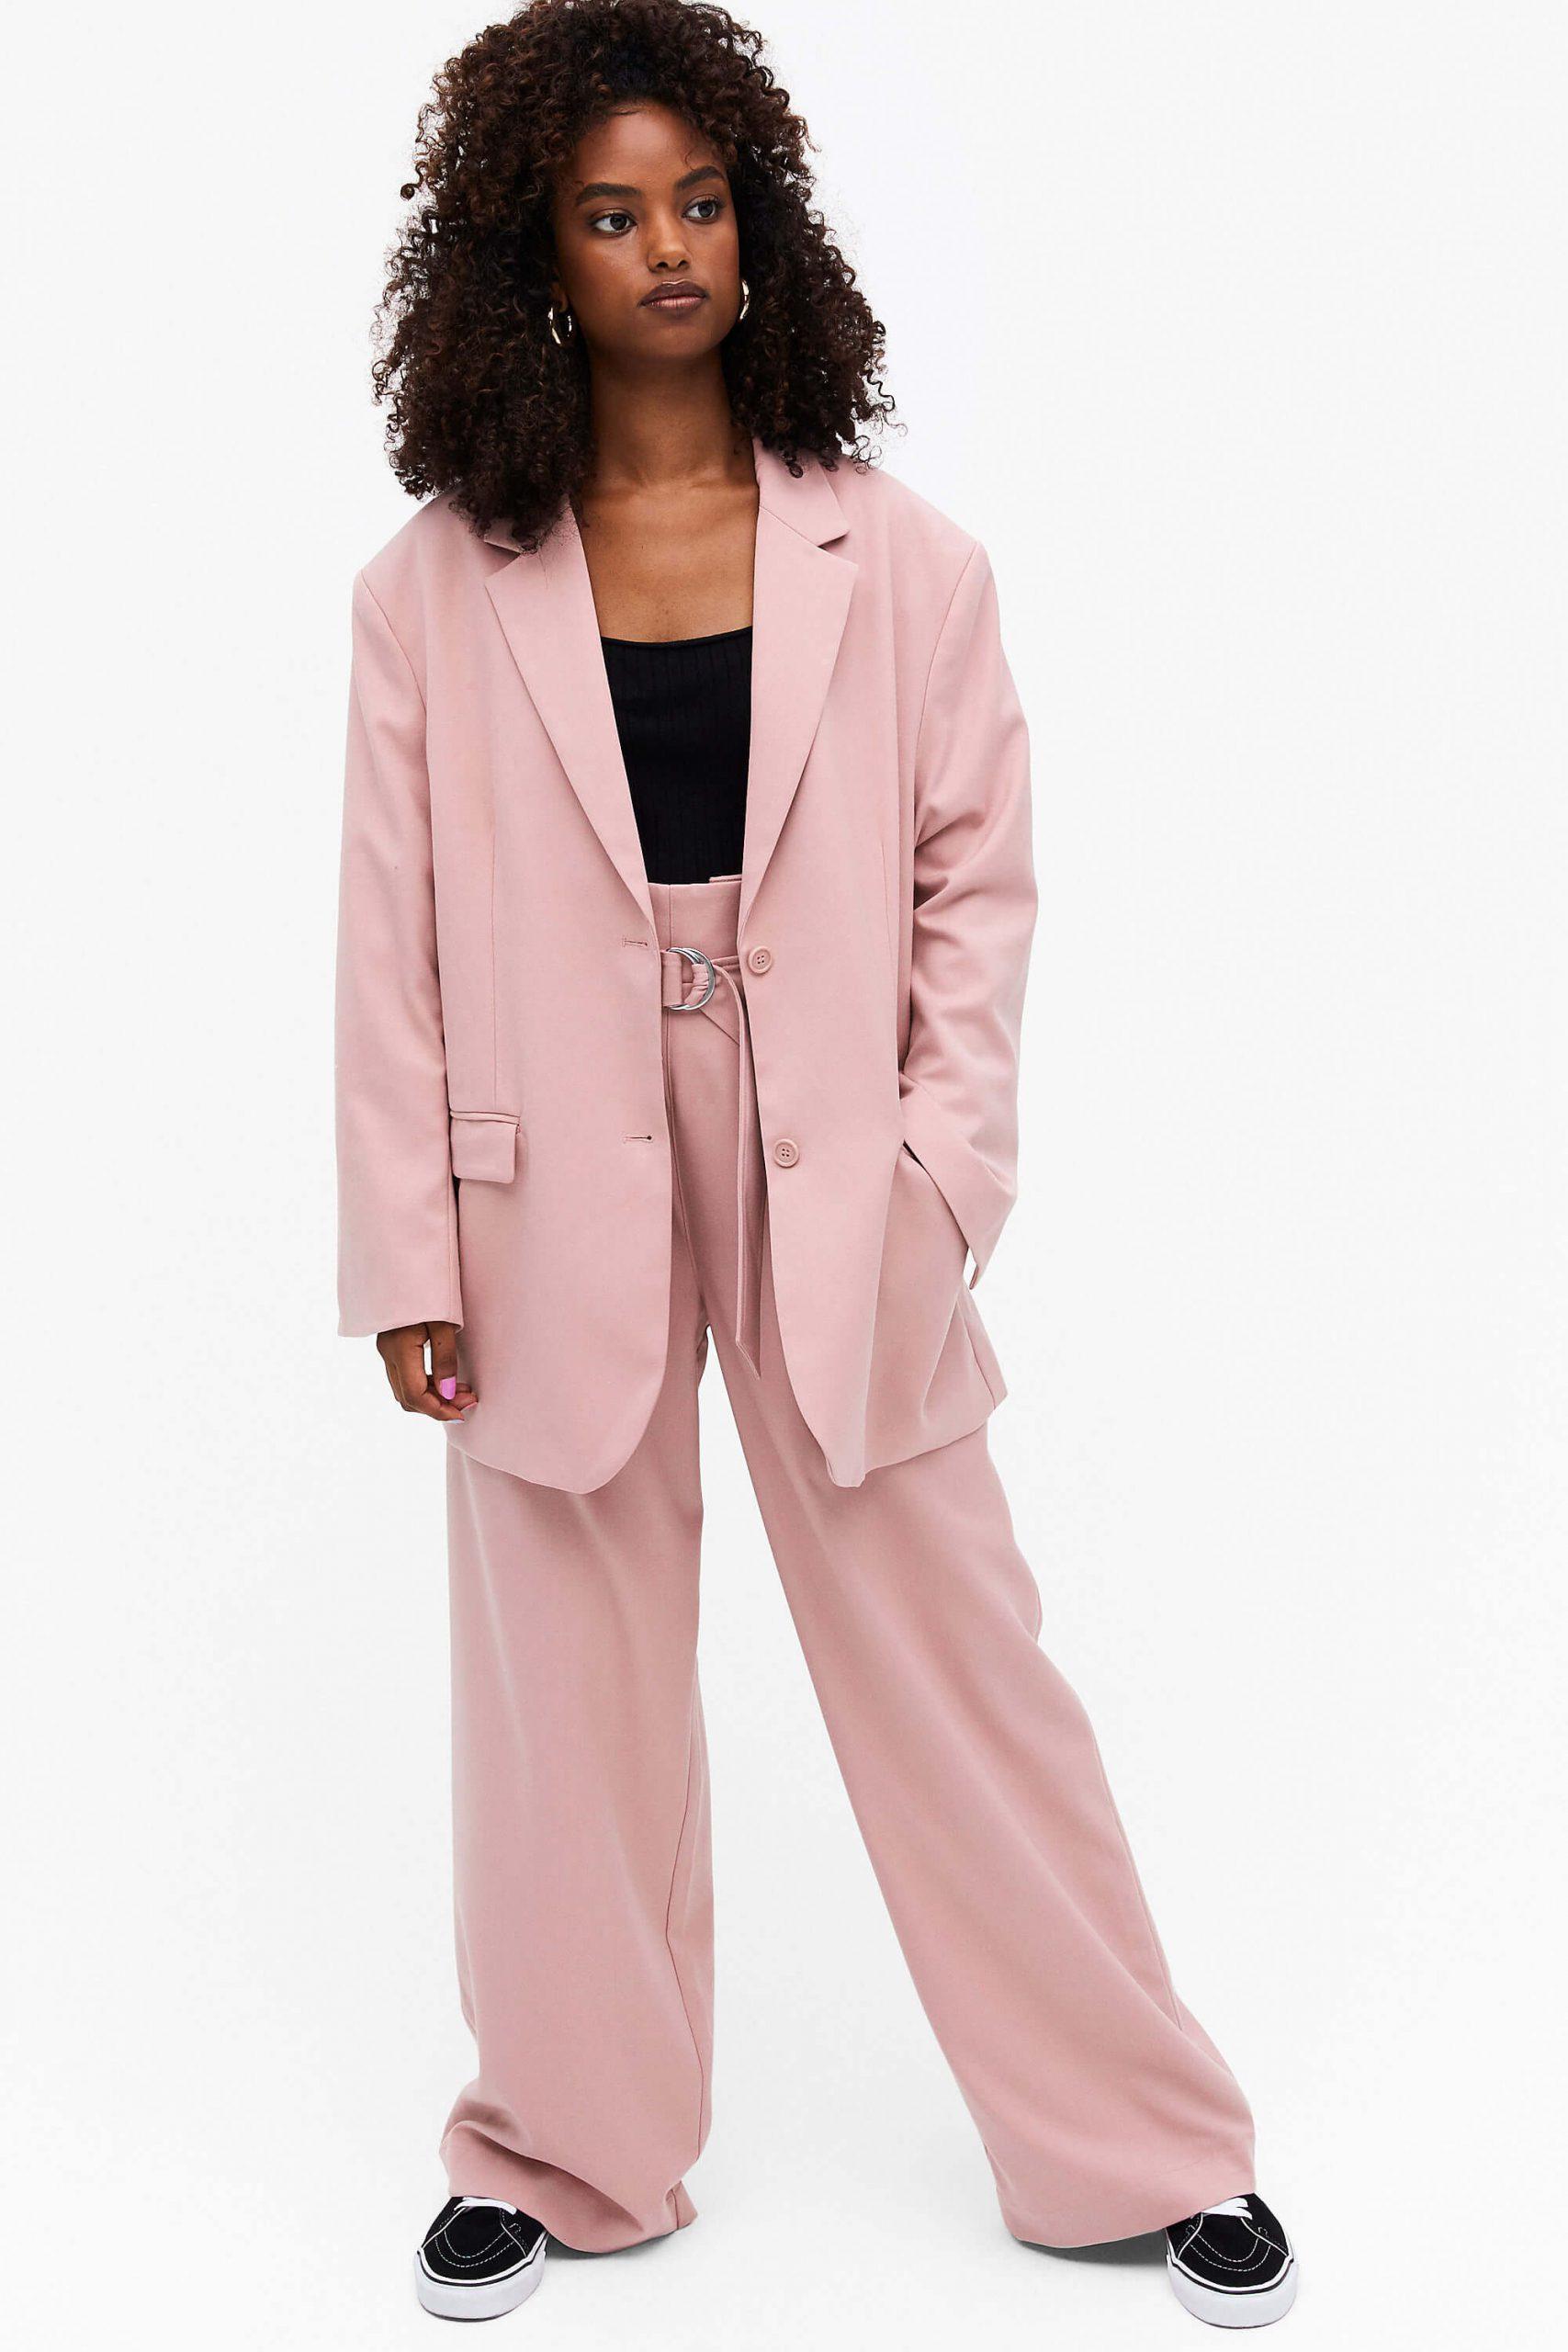 Rosa kostym kvinna oversized